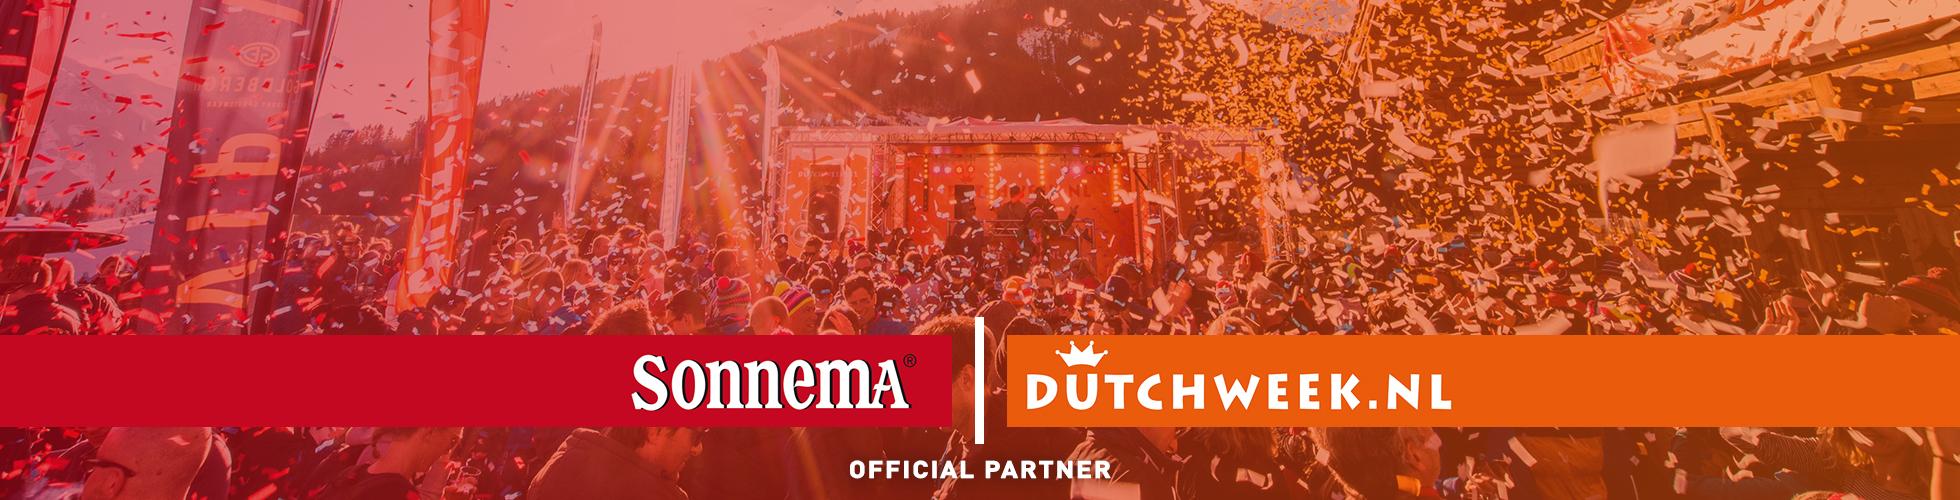 banner-dutchweek-sonnema-actie